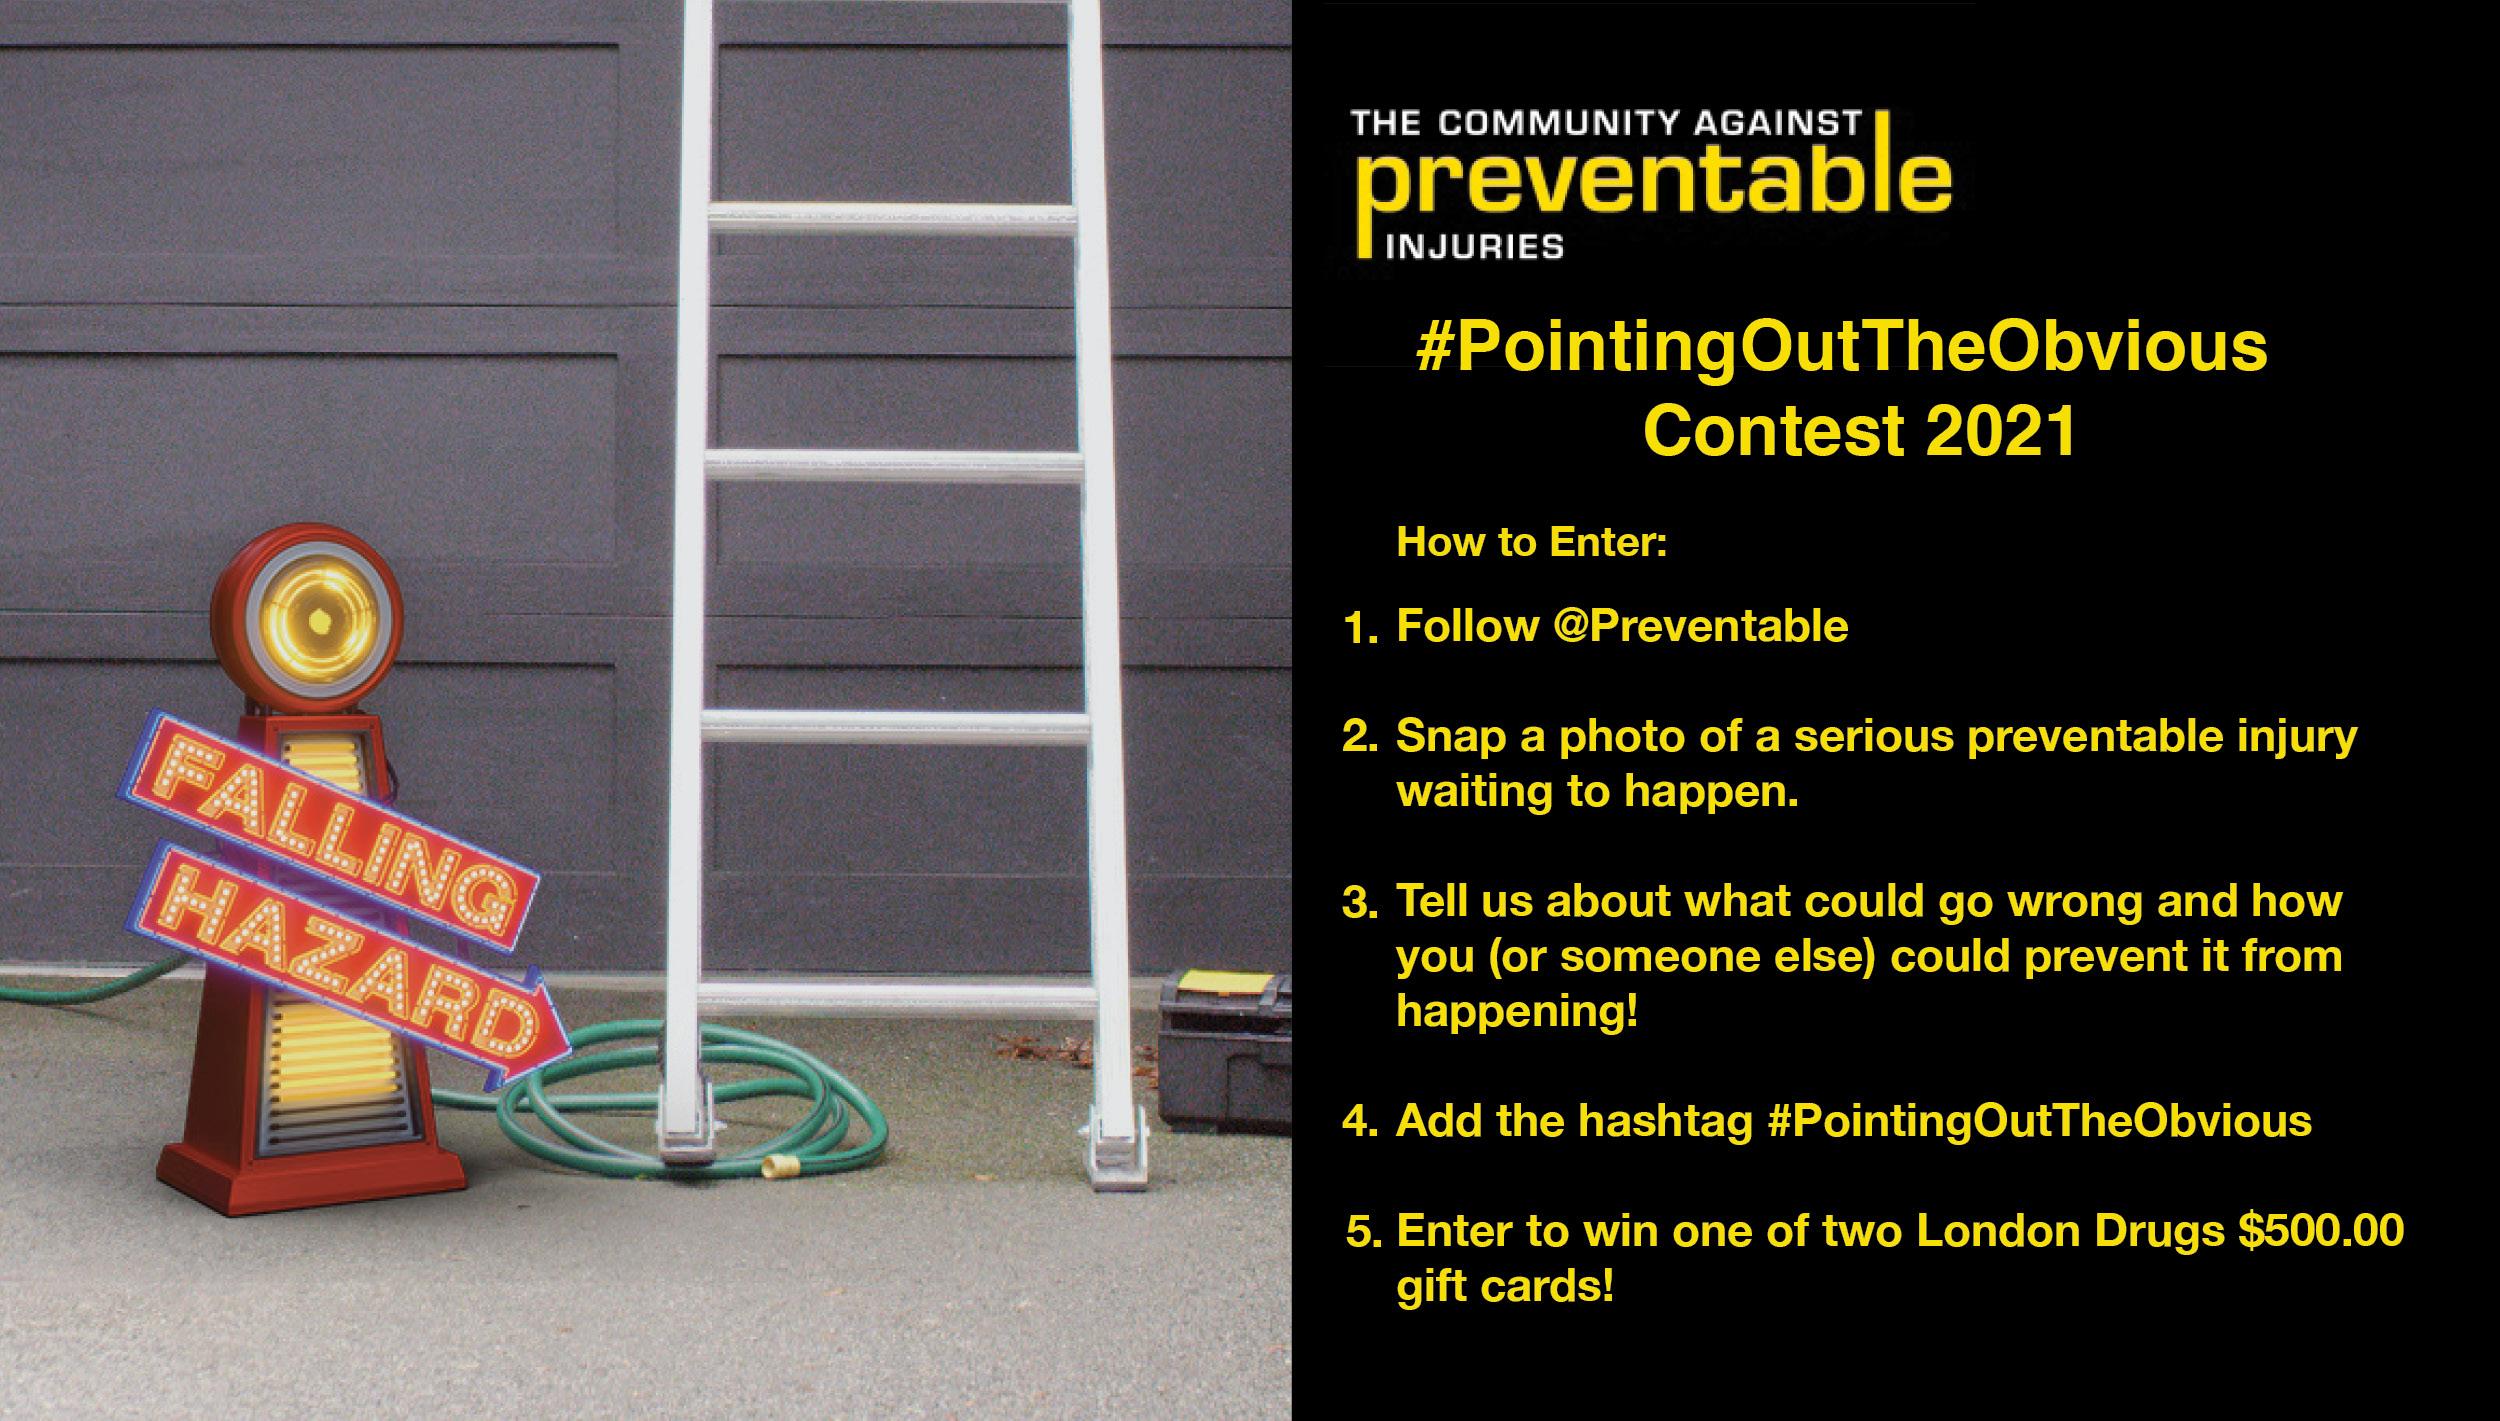 #PointingOutTheObviousContest